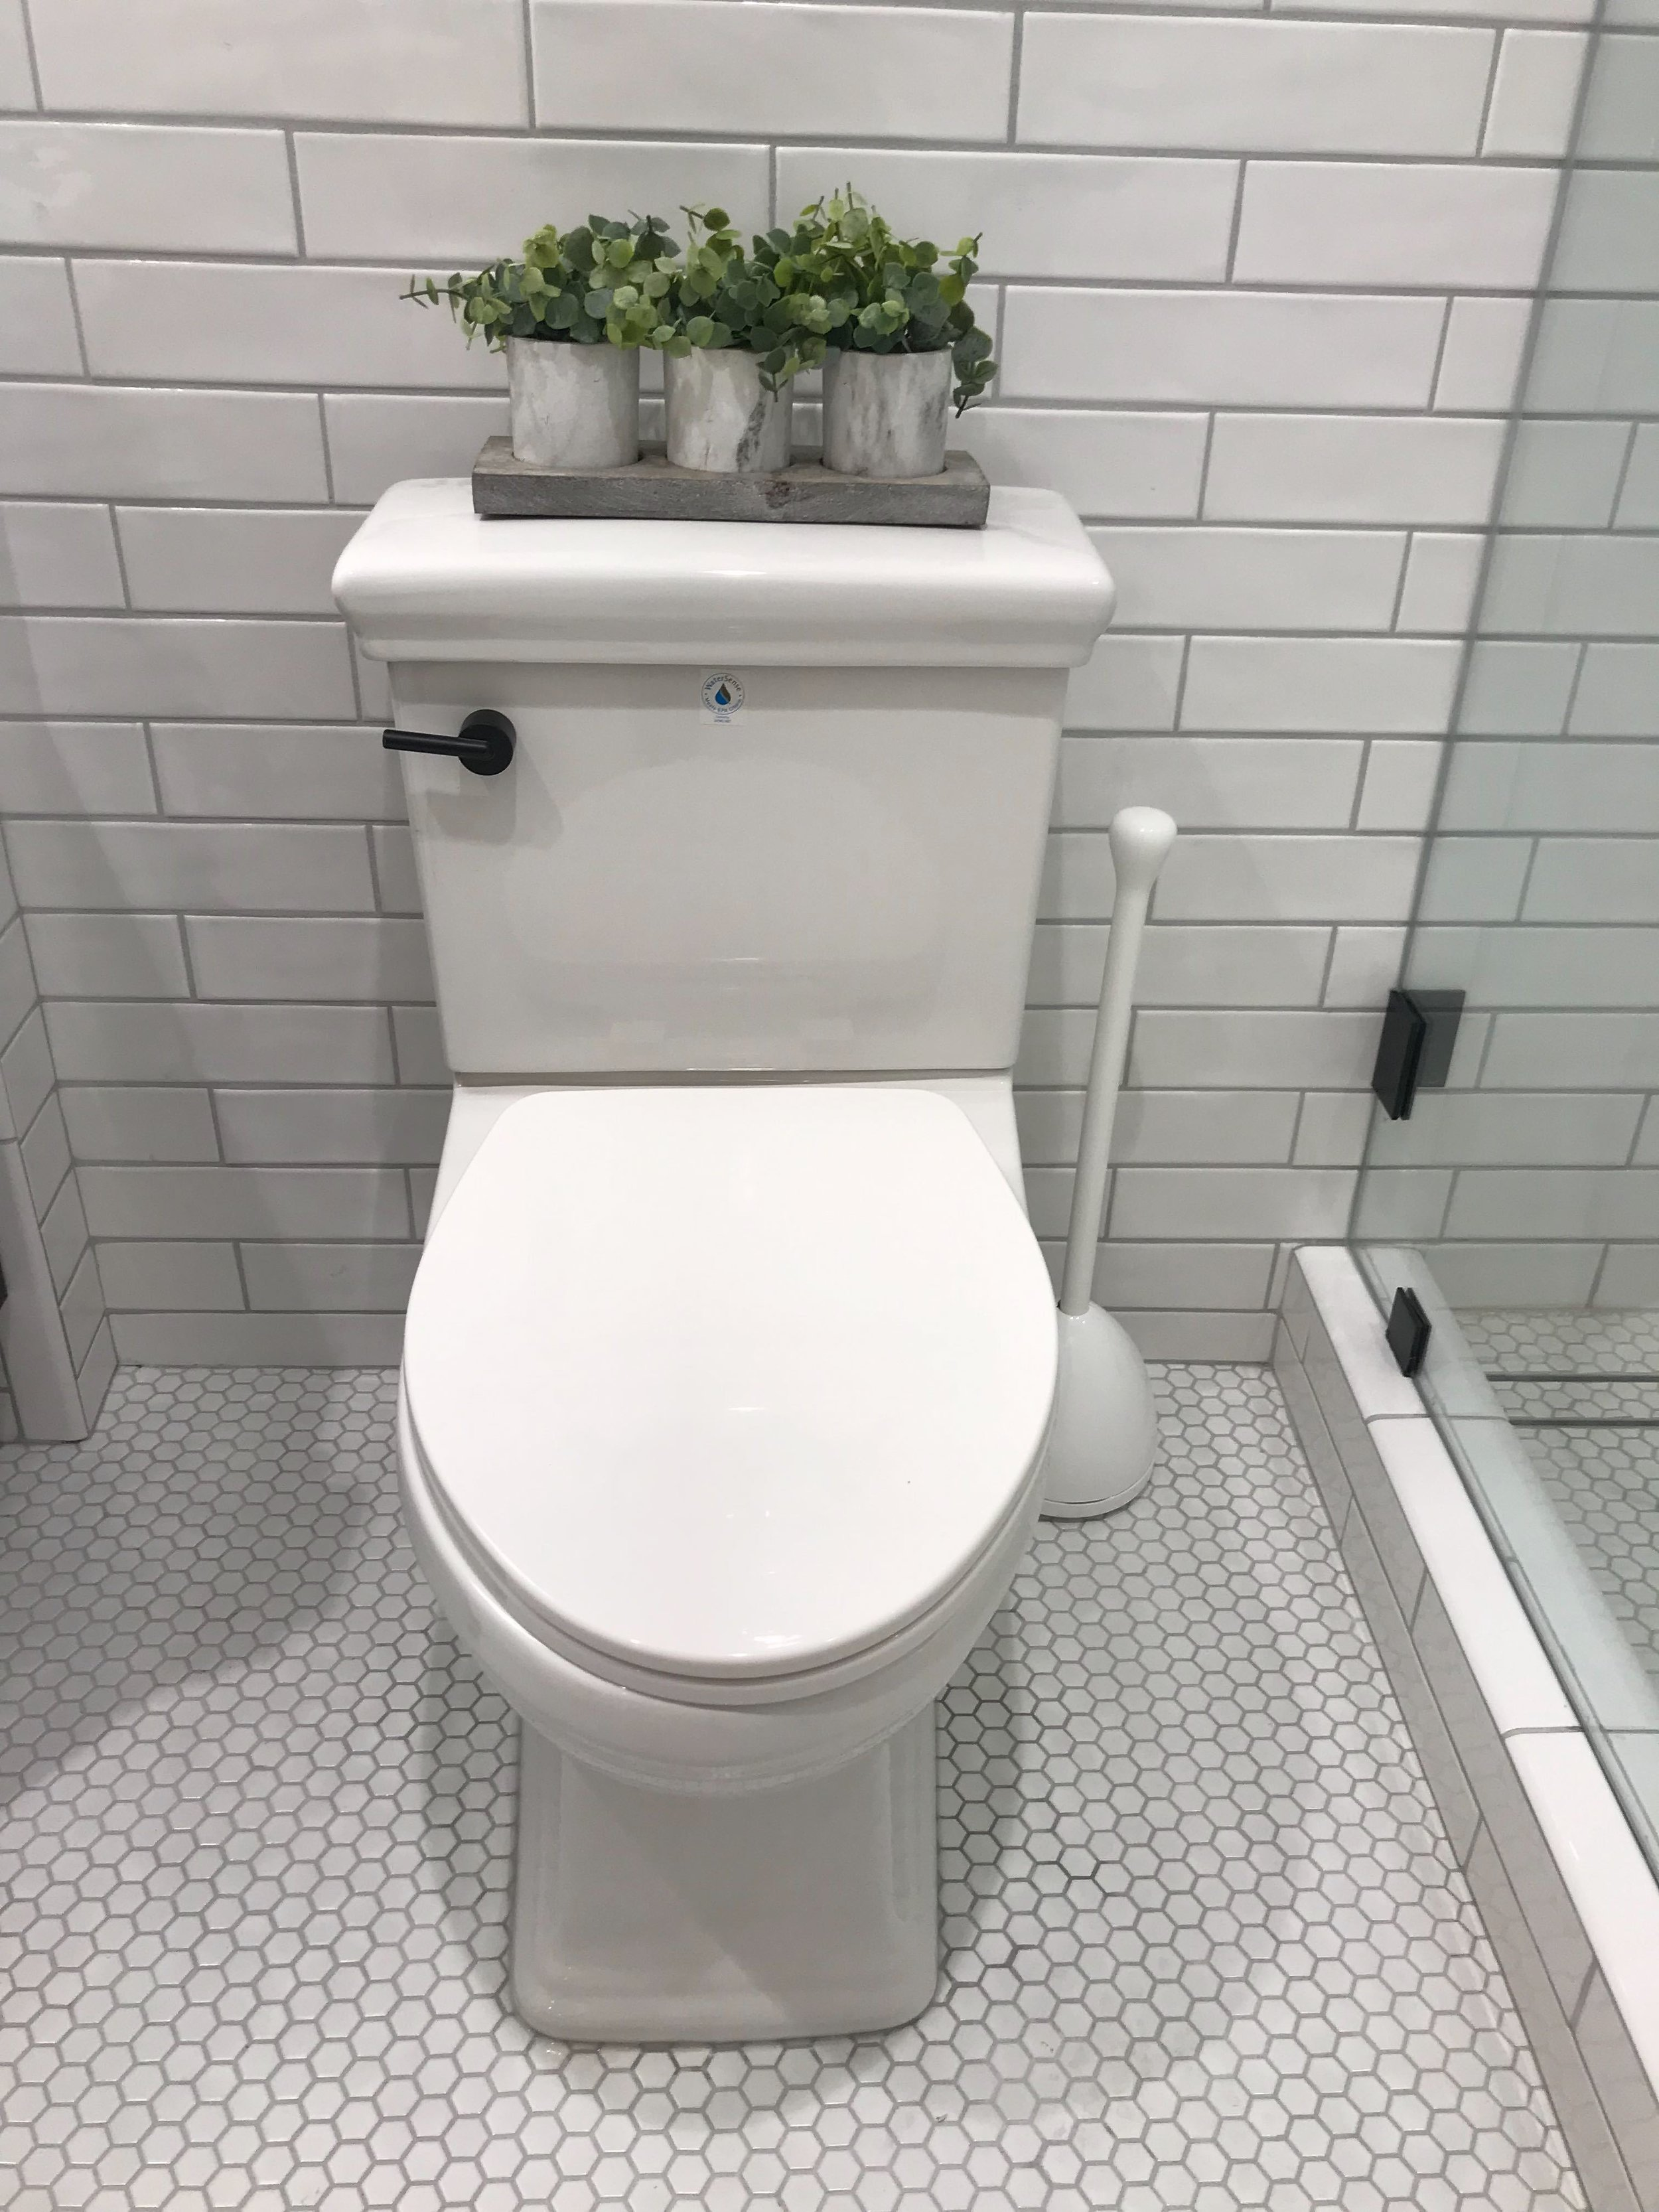 203 toilet.jpg